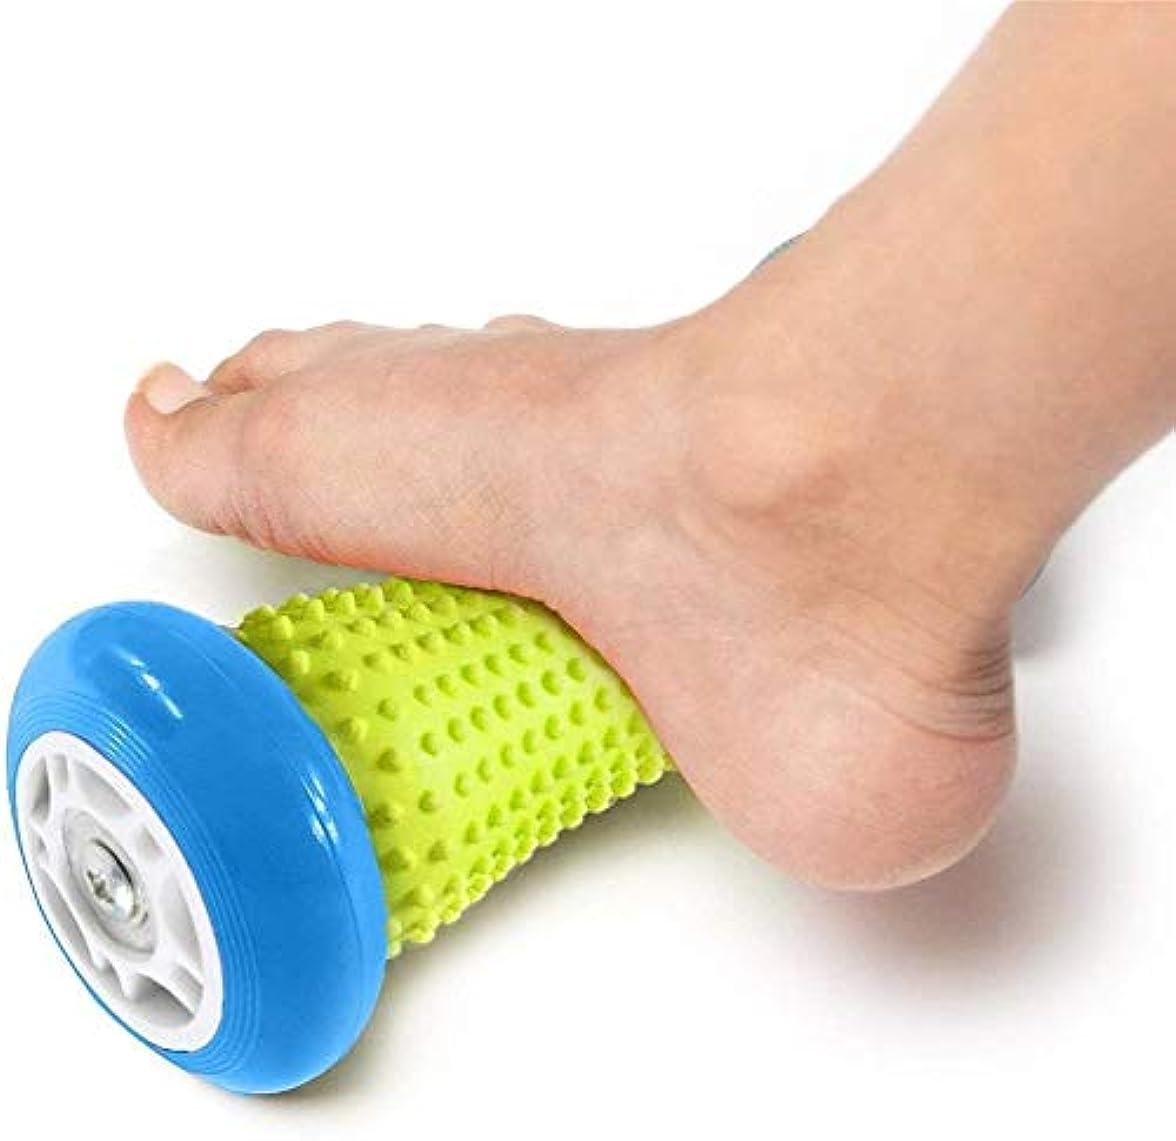 摂氏ワーディアンケースオアシスフットマッサージローラー - 筋肉ローラースティック - 足底筋膜炎手首と前腕運動ローラー用手首と前腕運動ローラー、足底筋膜炎などのための回復ツール